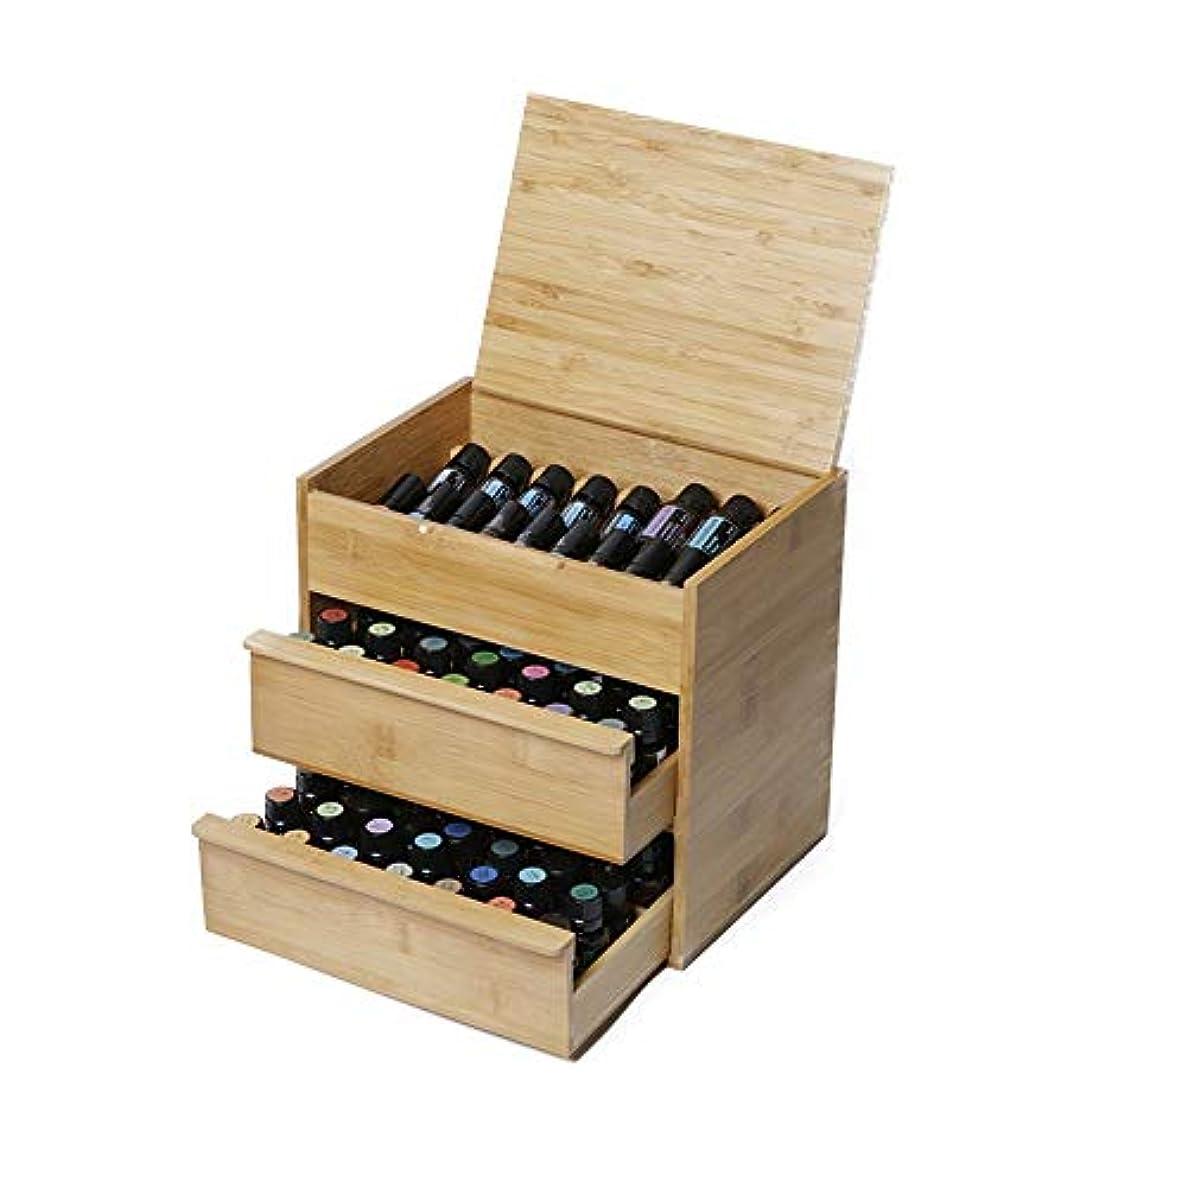 強大な受け継ぐコンピューターエッセンシャルオイルの保管 88スロット木エッセンシャルオイルボックス3ティアボード内部リムーバブルは15/10/5 M1のボトル天然竹を開催します (色 : Natural, サイズ : 26.5X24.5X19CM)